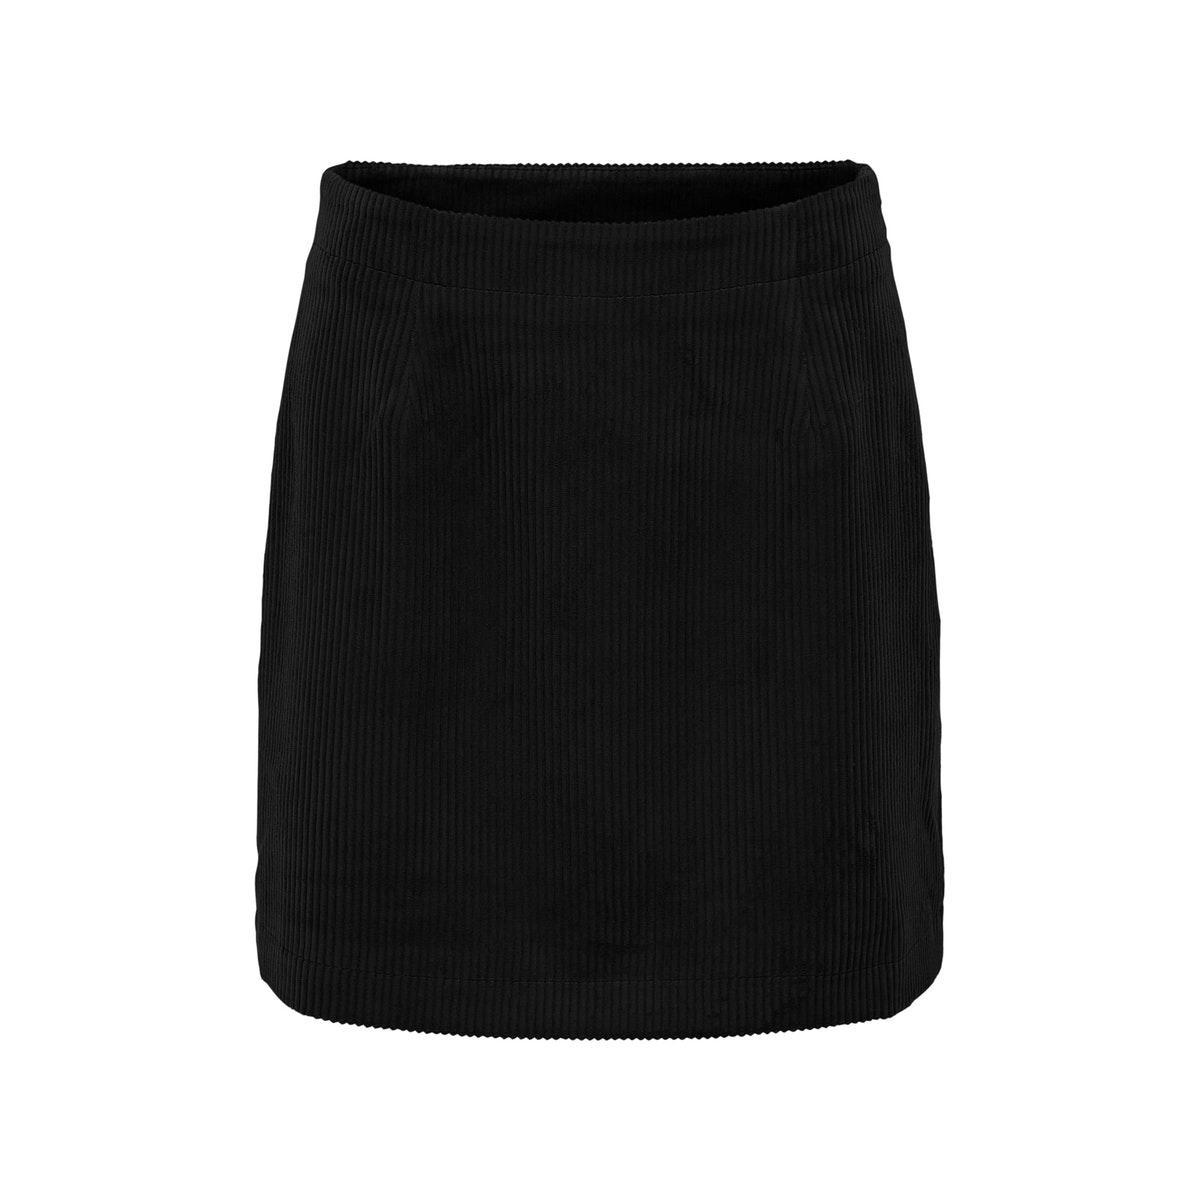 onlterry life cordoroy skirt cc otw 15207003 only rok black